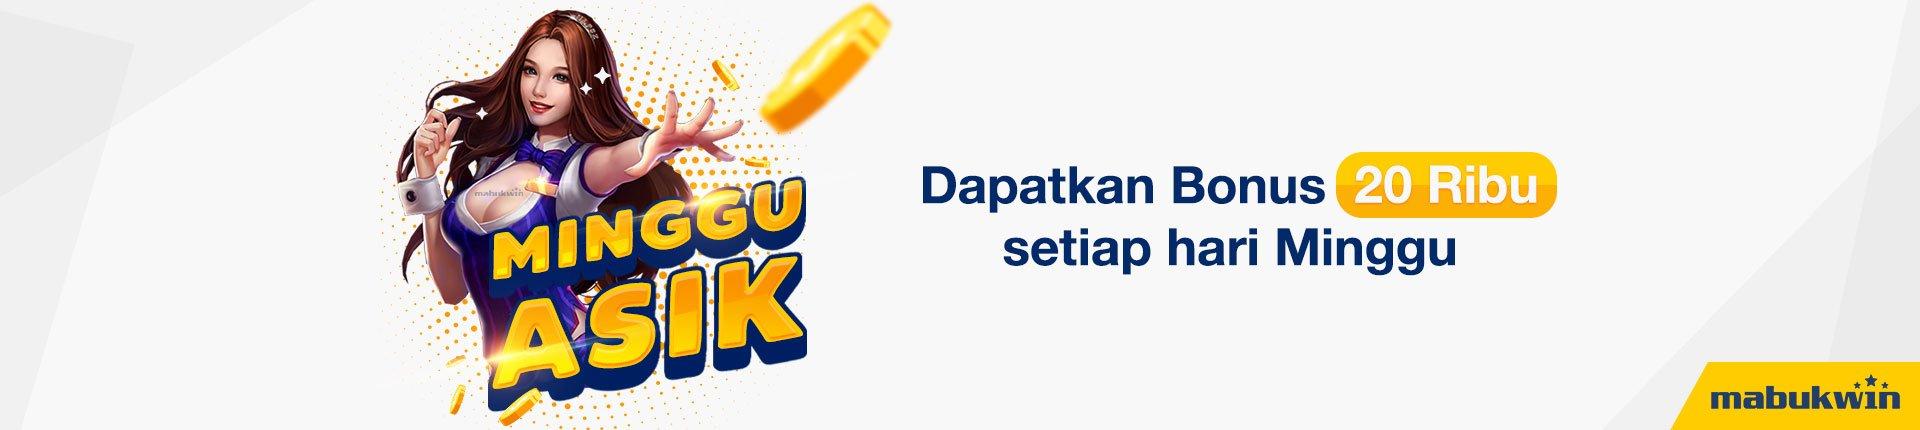 mabukwin-.